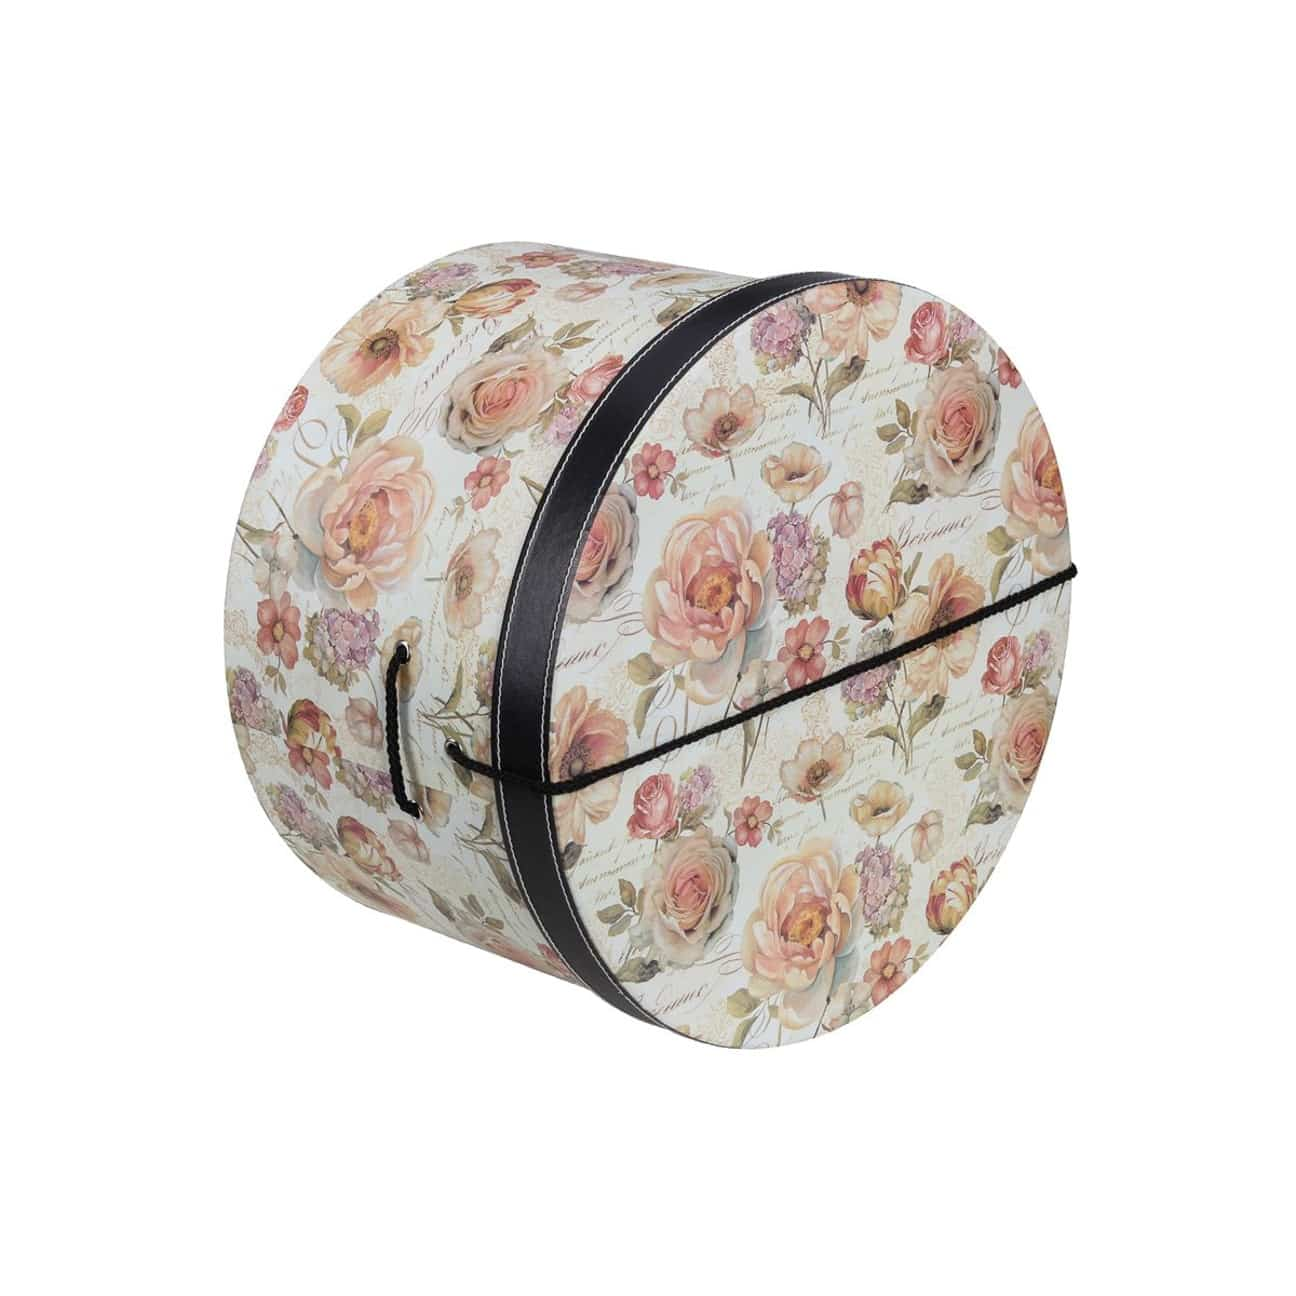 Caja Sombrero Rosas 28 cm by Lierys - Sombreros - sombreroshop.es 2f20950a342